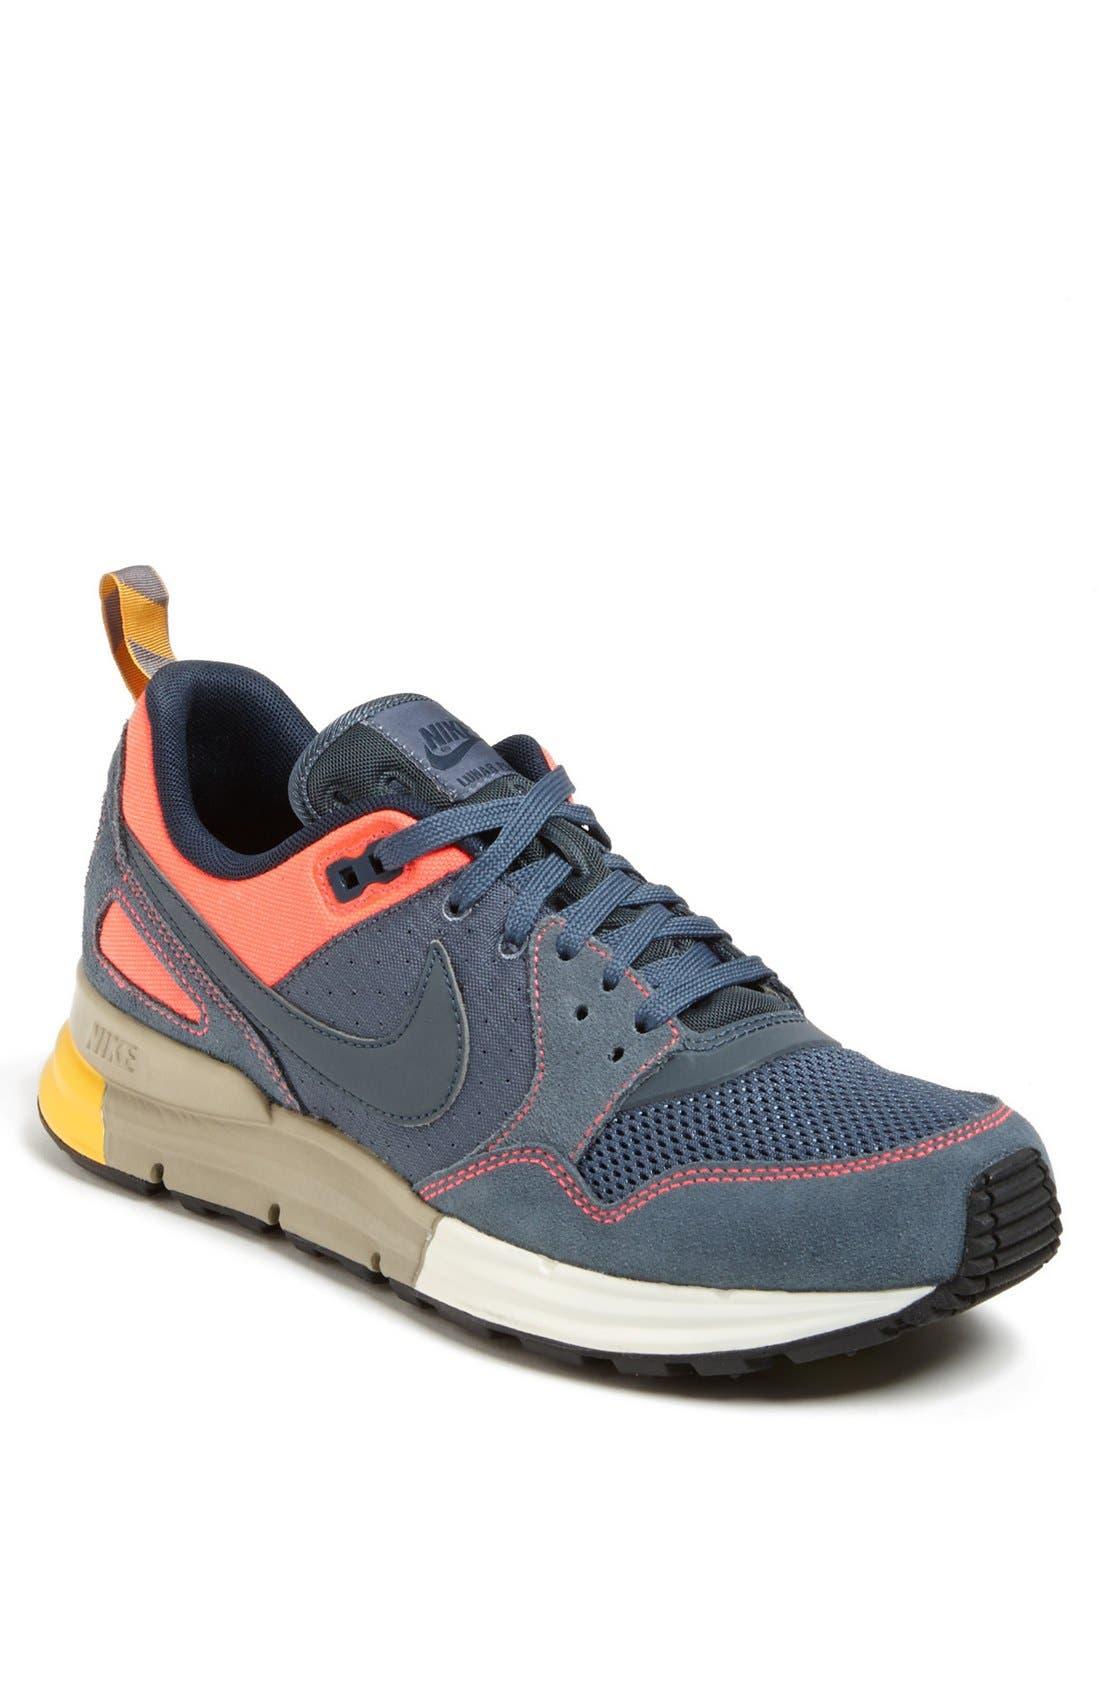 Alternate Image 1 Selected - Nike 'Lunar Pegasus 89' Sneaker (Men)